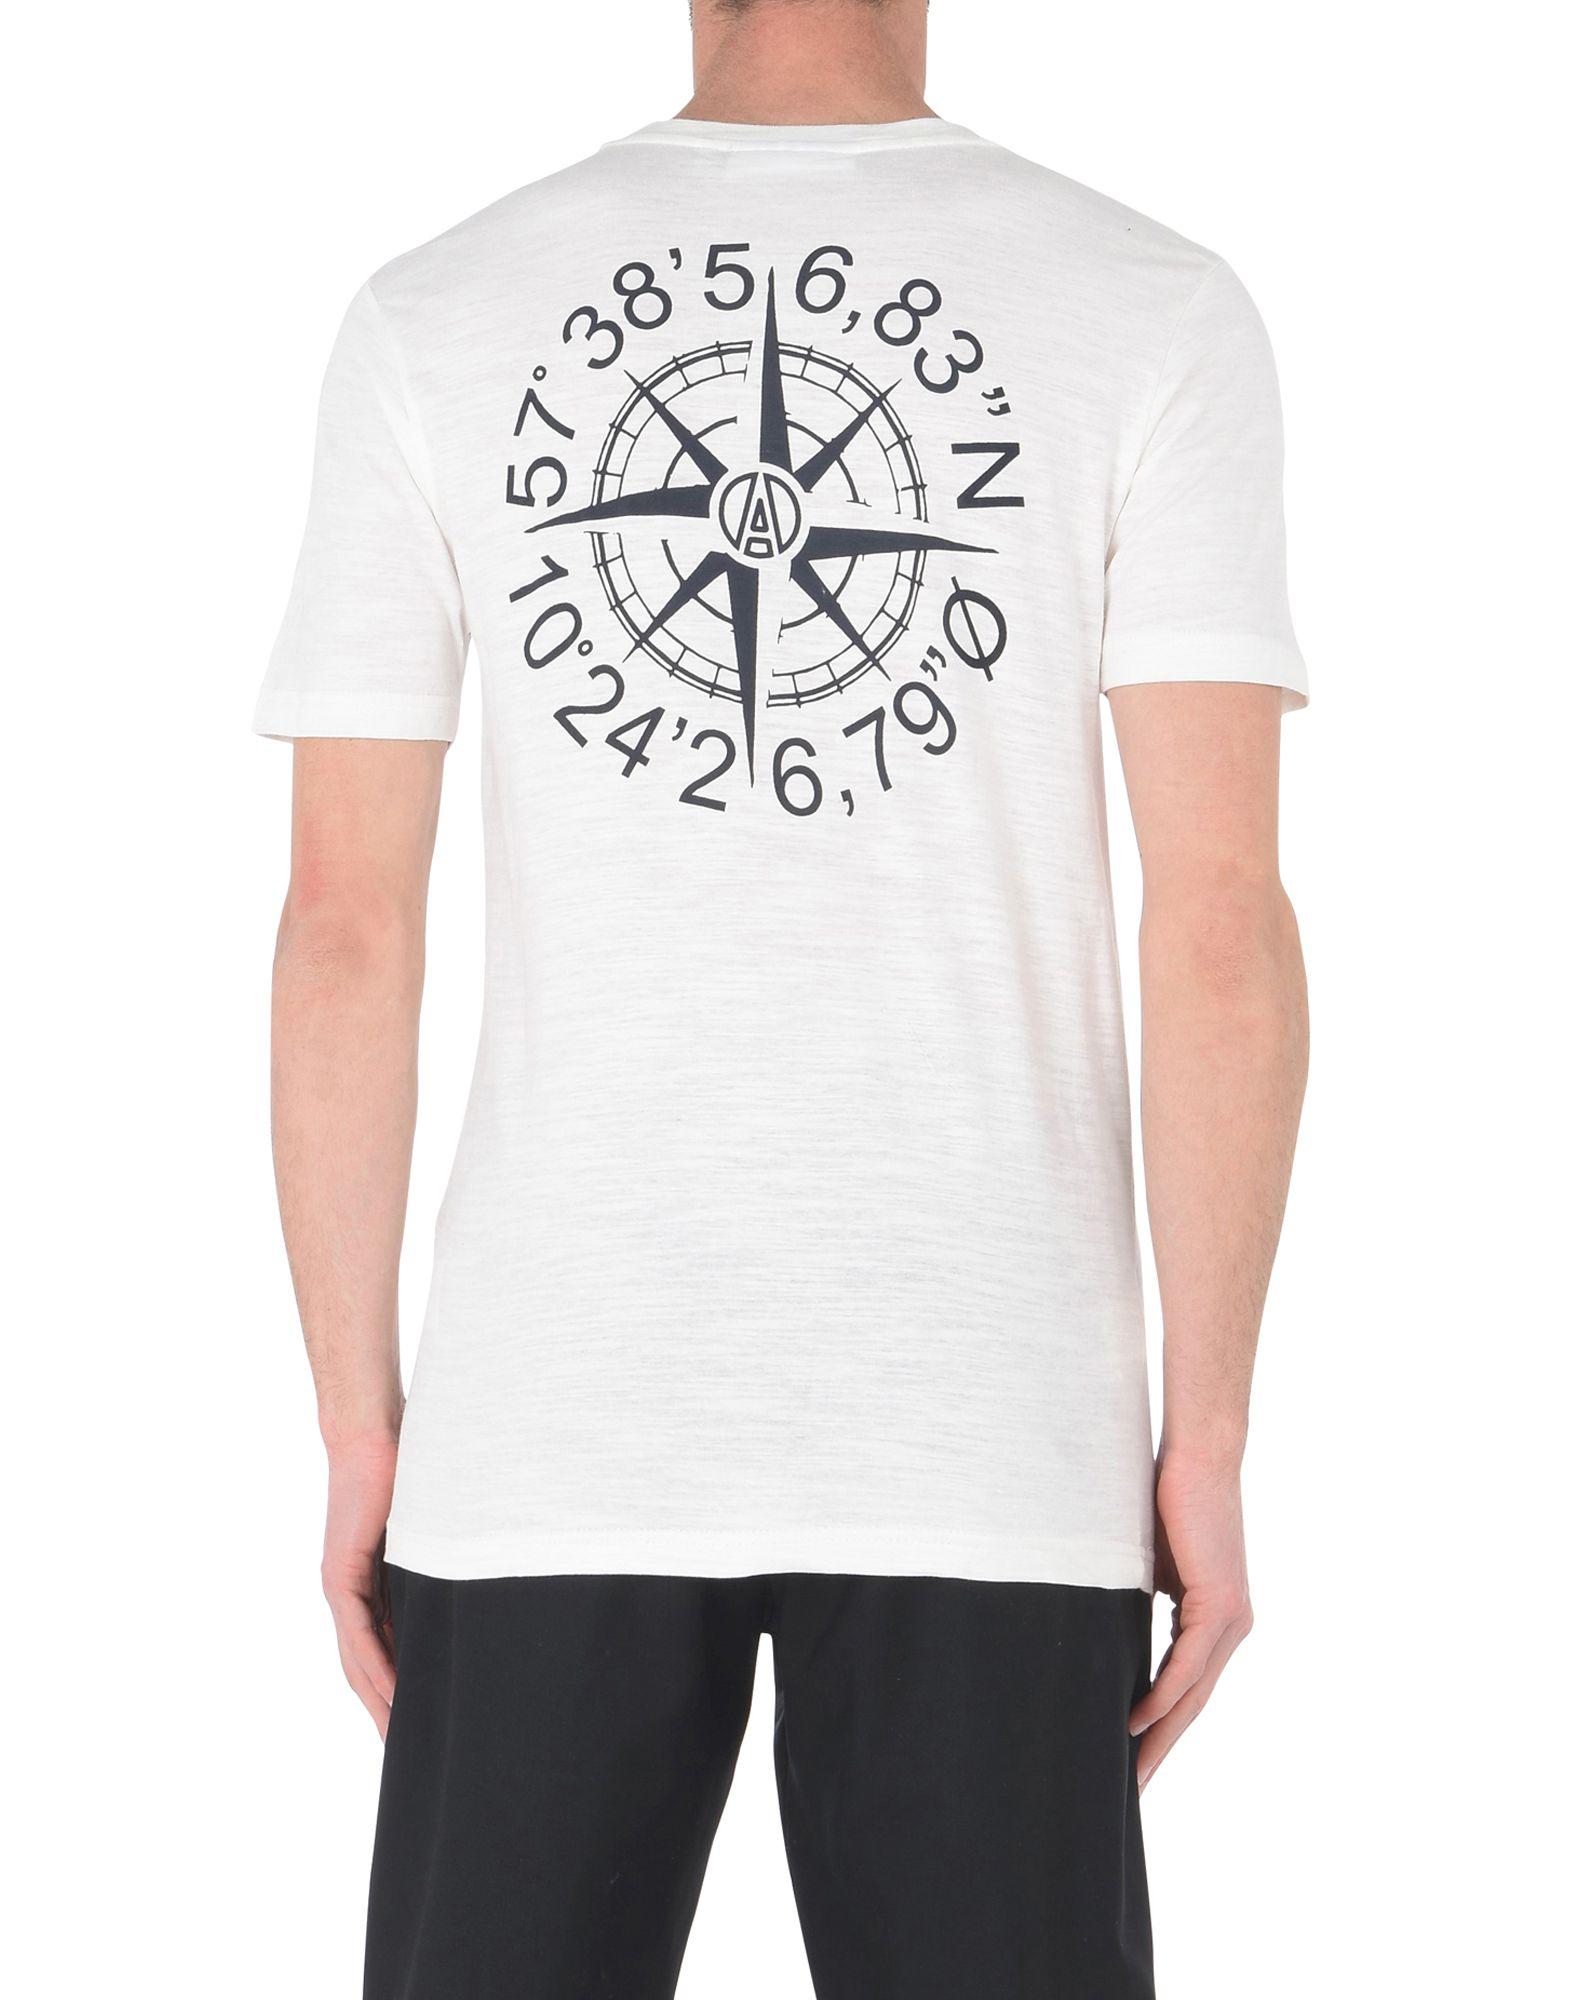 T-Shirt Anerkjendt Rod Rod Anerkjendt T-Shirt - Uomo - 12178864VS 297b52